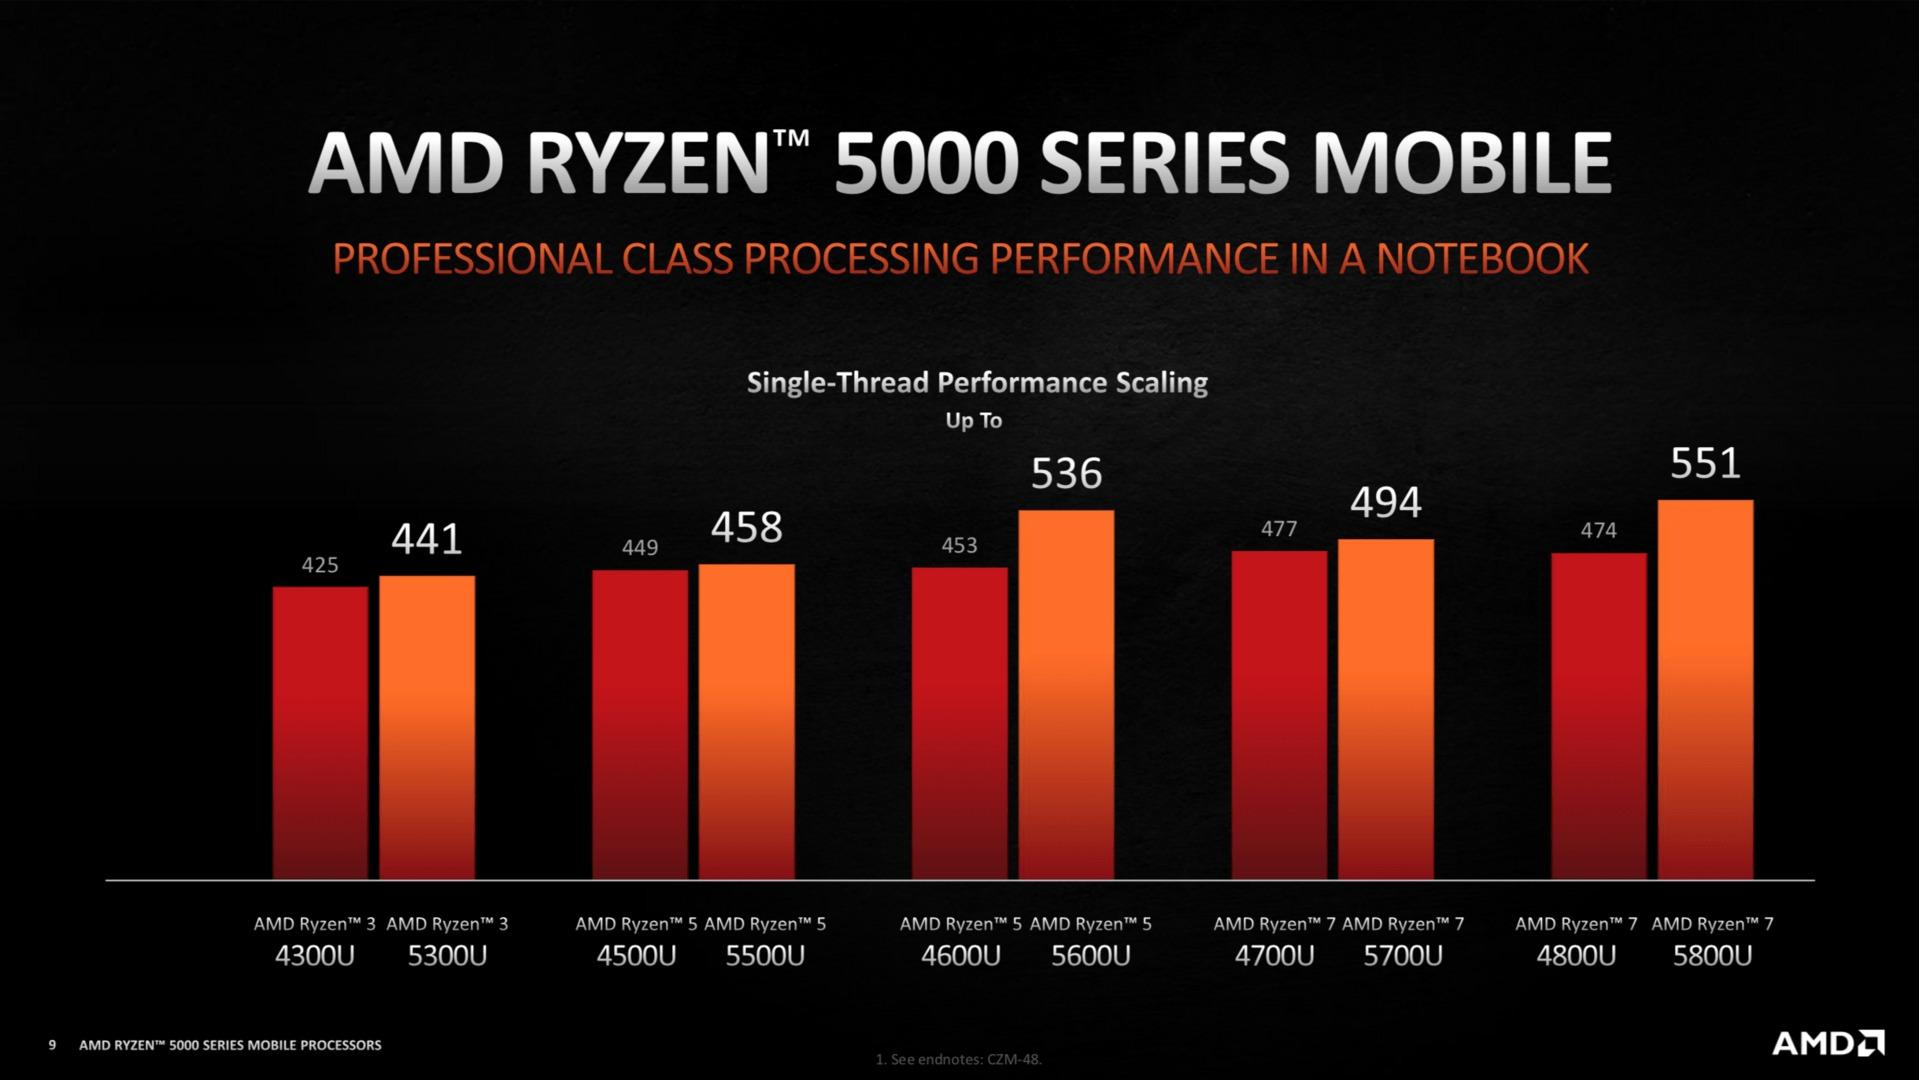 Amélioration des performances de l'AMD Ryzen 5000U par rapport à l'AMD Ryzen 4000U